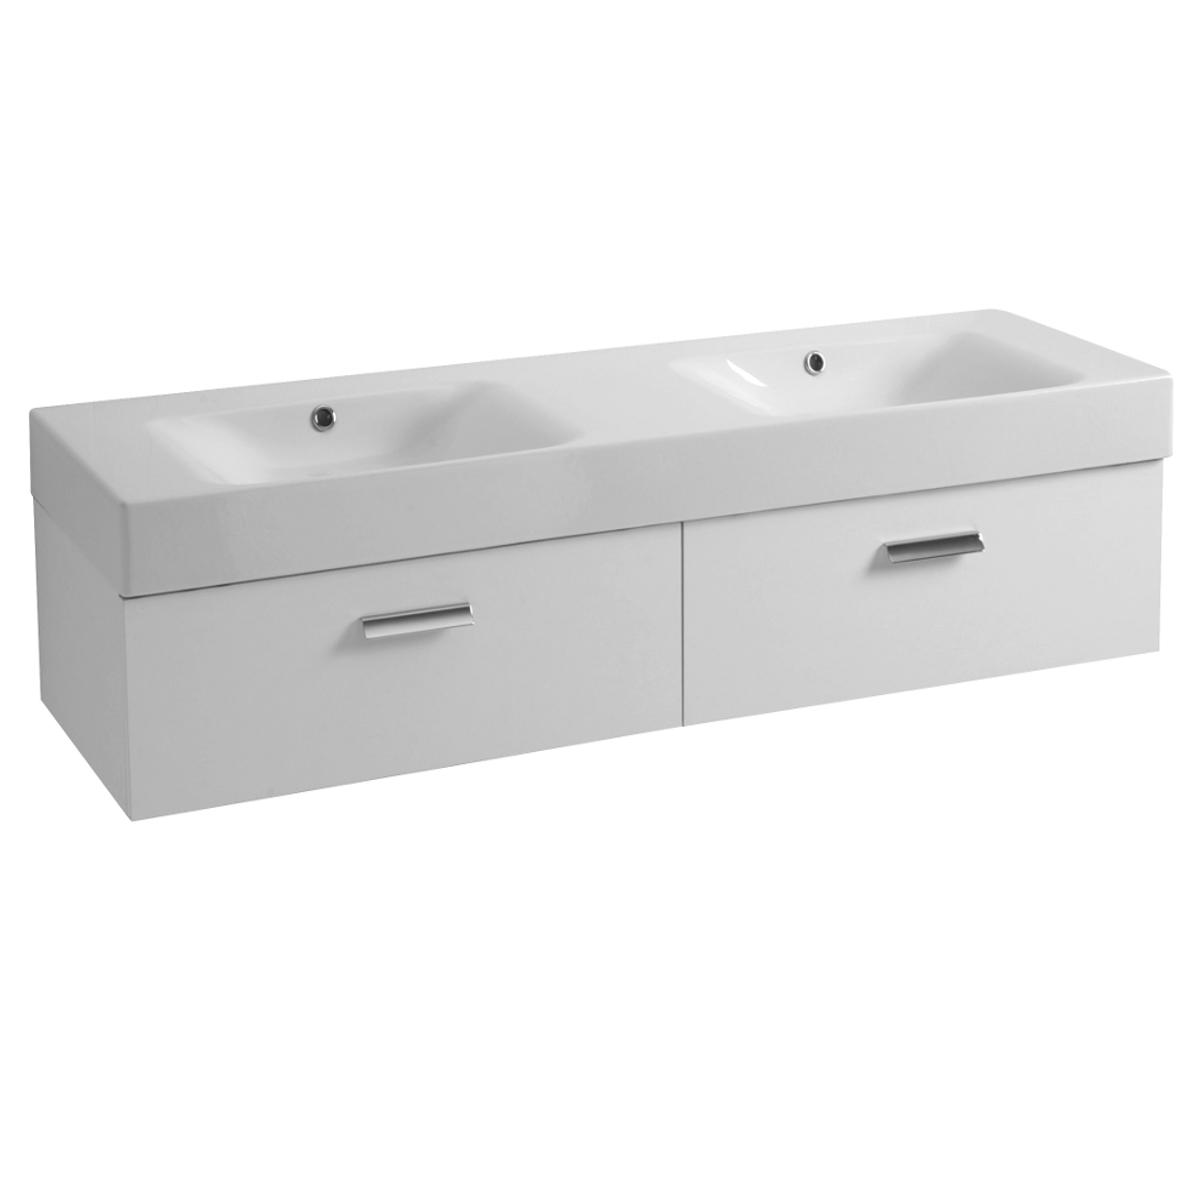 Mobile sospeso con due cassetti e lavabo doppia vasca - Lavabo sospeso con mobile ...